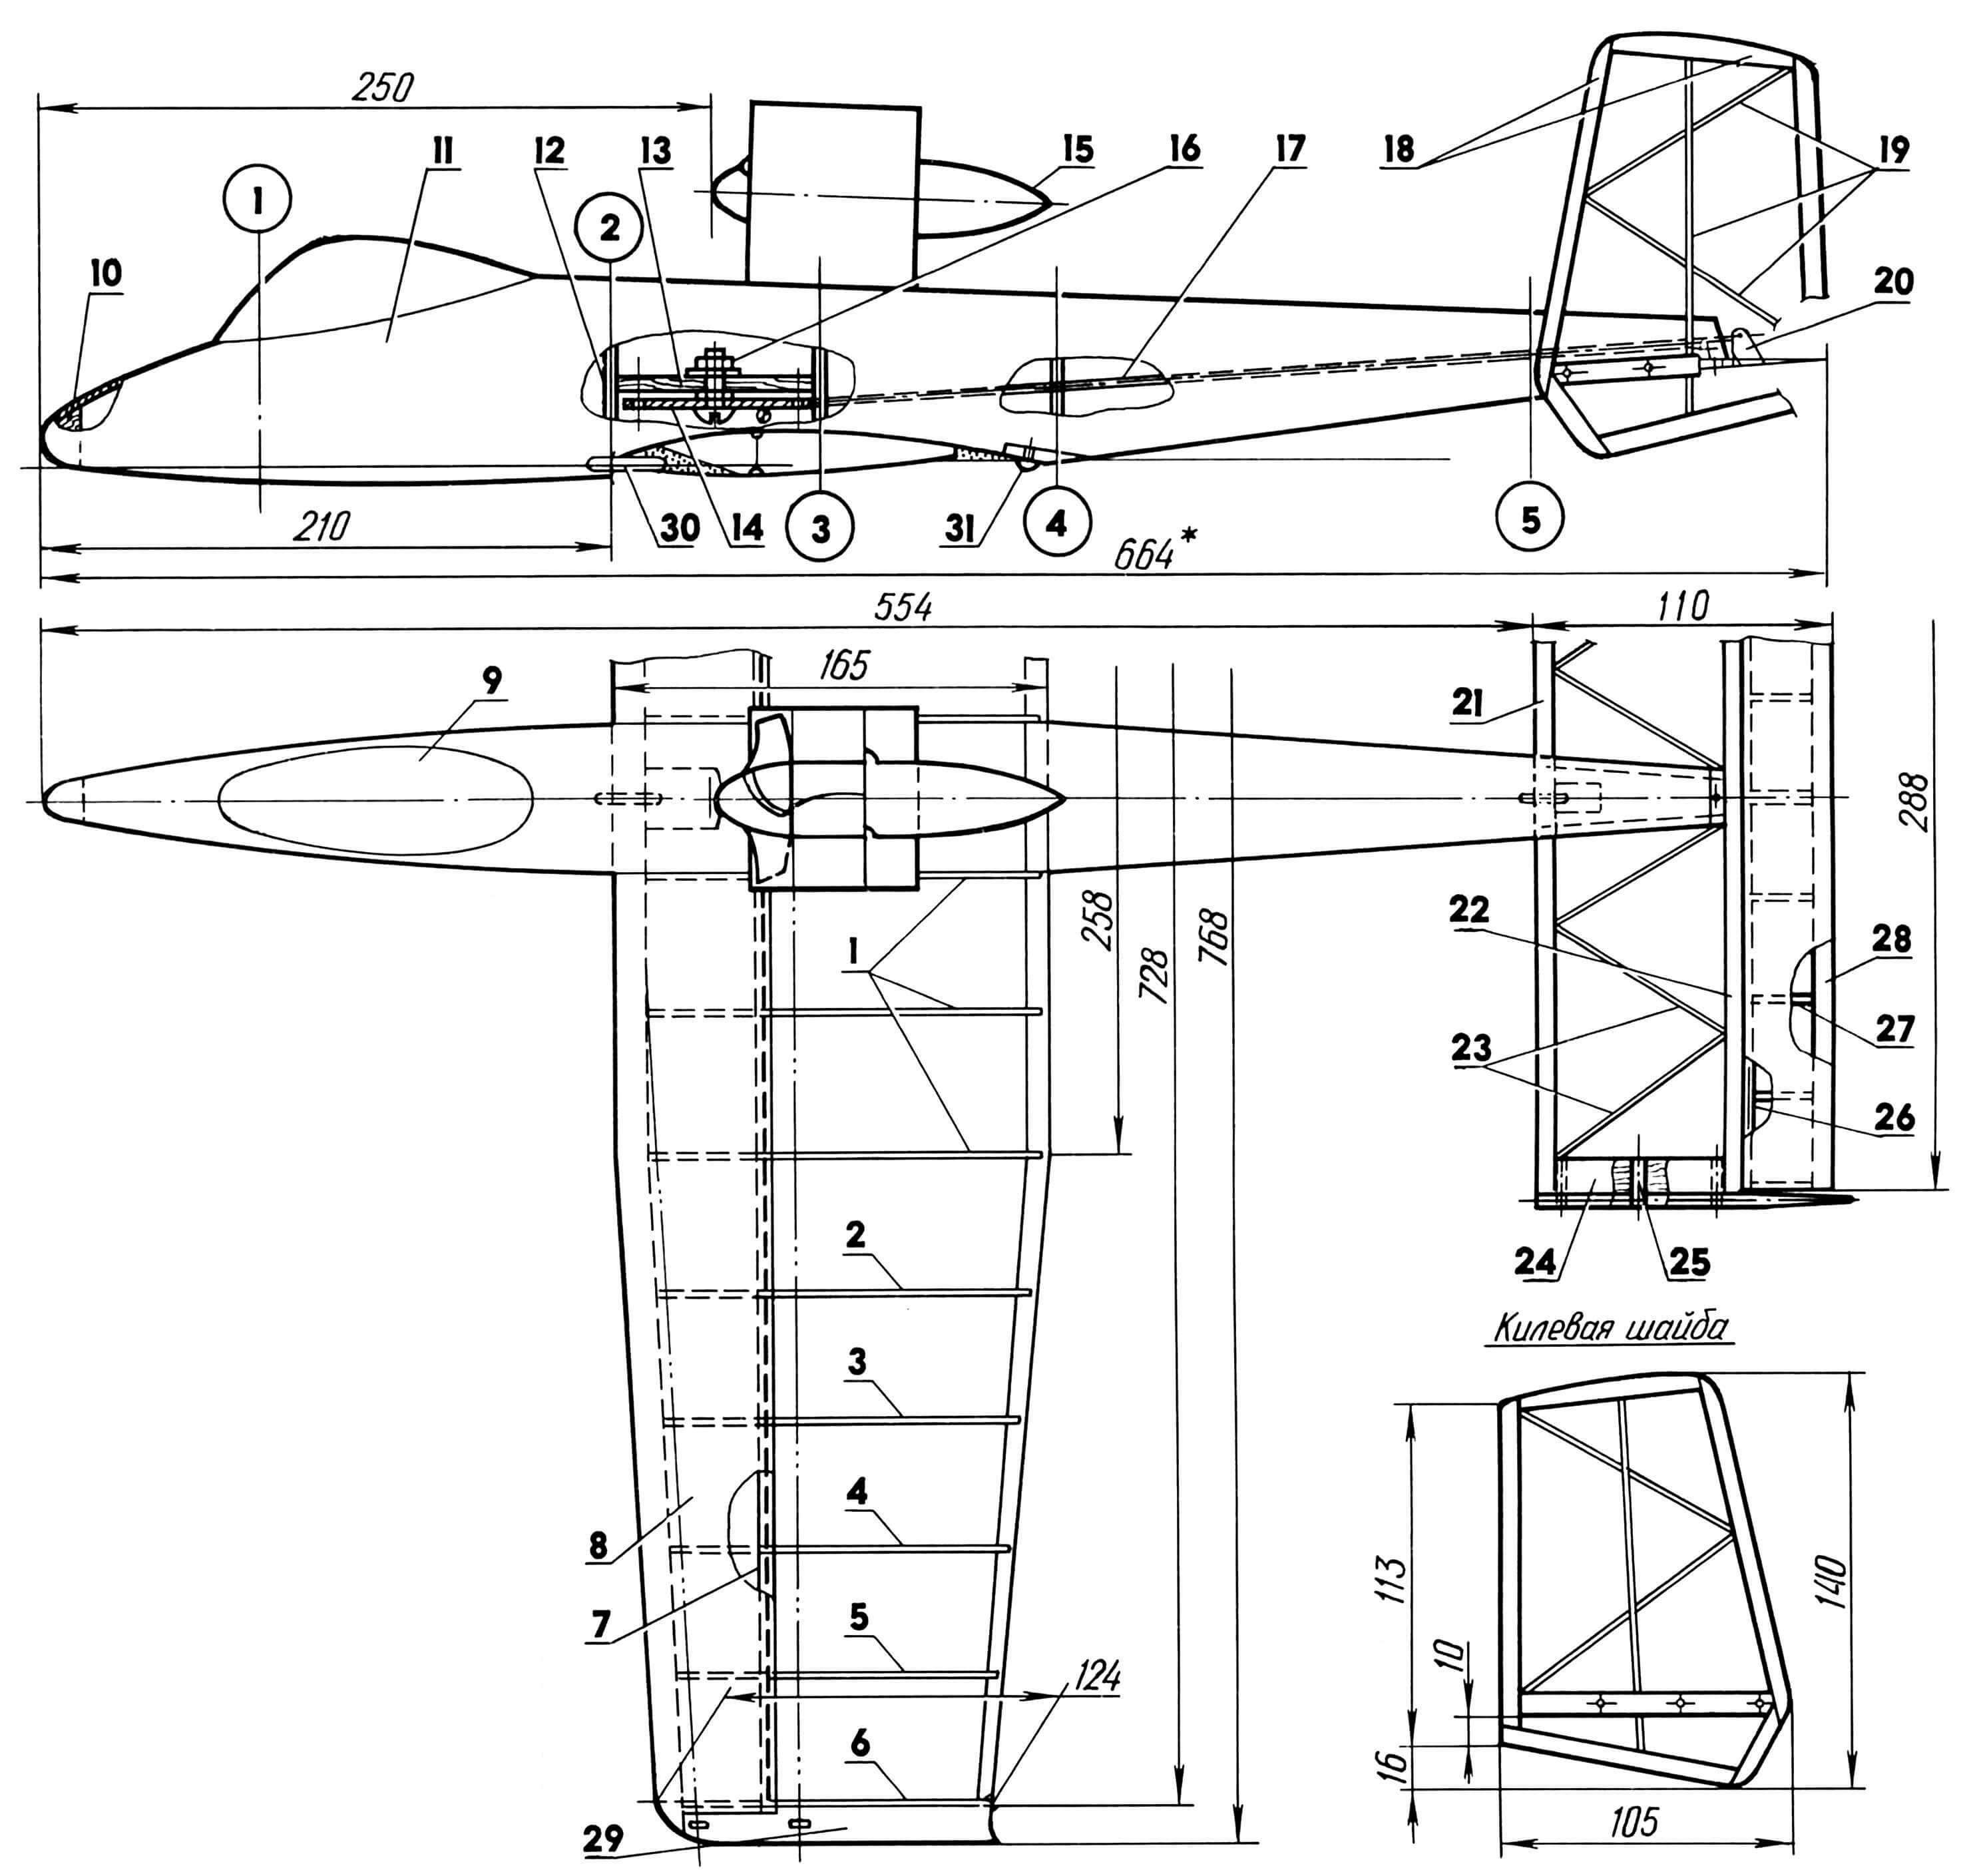 Кордовая с электрическим импеллером: 1...6 — нервюры центропланной и консольной частей крыла (бальза или липа s2...2,5); 7 — лонжерон (сосна); 8 — зашивка носка крыла (бальза s1); 9 — фонарь; 10 — бобышка (бальза); 11 — обшивка фюзеляжа (бальза s2); 12 — шпангоут (бальза s3); 13 — основание качалки (фанера s3); 14 — качалка управления (дюралюминий s2,5); 15 — импеллер; 16 — ось качалки (винт М3); 17 — тяга управления рулем высоты (дюралюминиевая вязальная спица); 18 — каркас килевой шайбы (бальза или липа 7x4); 19 — усиление каркаса (бальза или липа 4x2); 20 — кабанчик руля высоты (дюралюминий s1); 21,22 — кромки стабилизатора (бальза или липа 7x4); 23 — нервюры стабилизатора (бальза или липа 4x2); 24 — законцовка стабилизатора (бальза или липа 12x4); 25 — штырь (бук, ᴓ 3); 26 — стенка руля высоты, передняя (бальза или липа 4x2); 27 — нервюра руля высоты (бальза или липа 4x2); 28 — кромка руля высоты, задняя (бальза или липа 7x2); 29 — законцовка крыла (бальза); 30 — штифт фиксации крыла; 31 — винт крепления крыла.